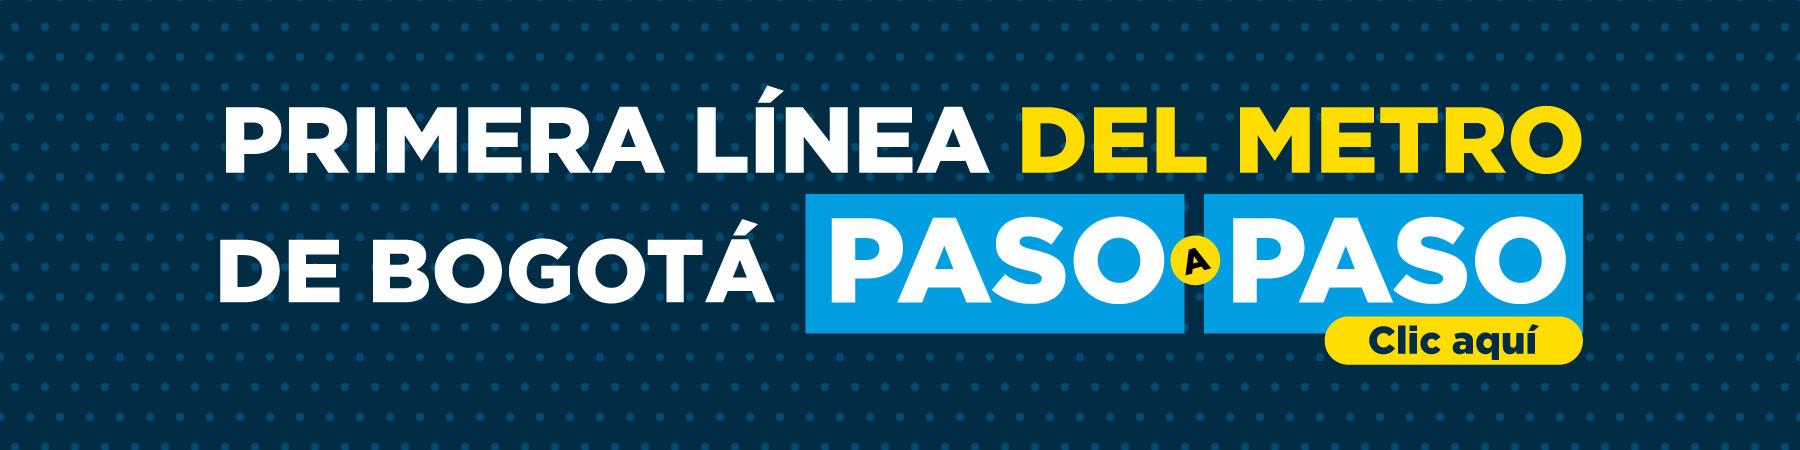 Pasos Primera Línea del Metro de Bogotá